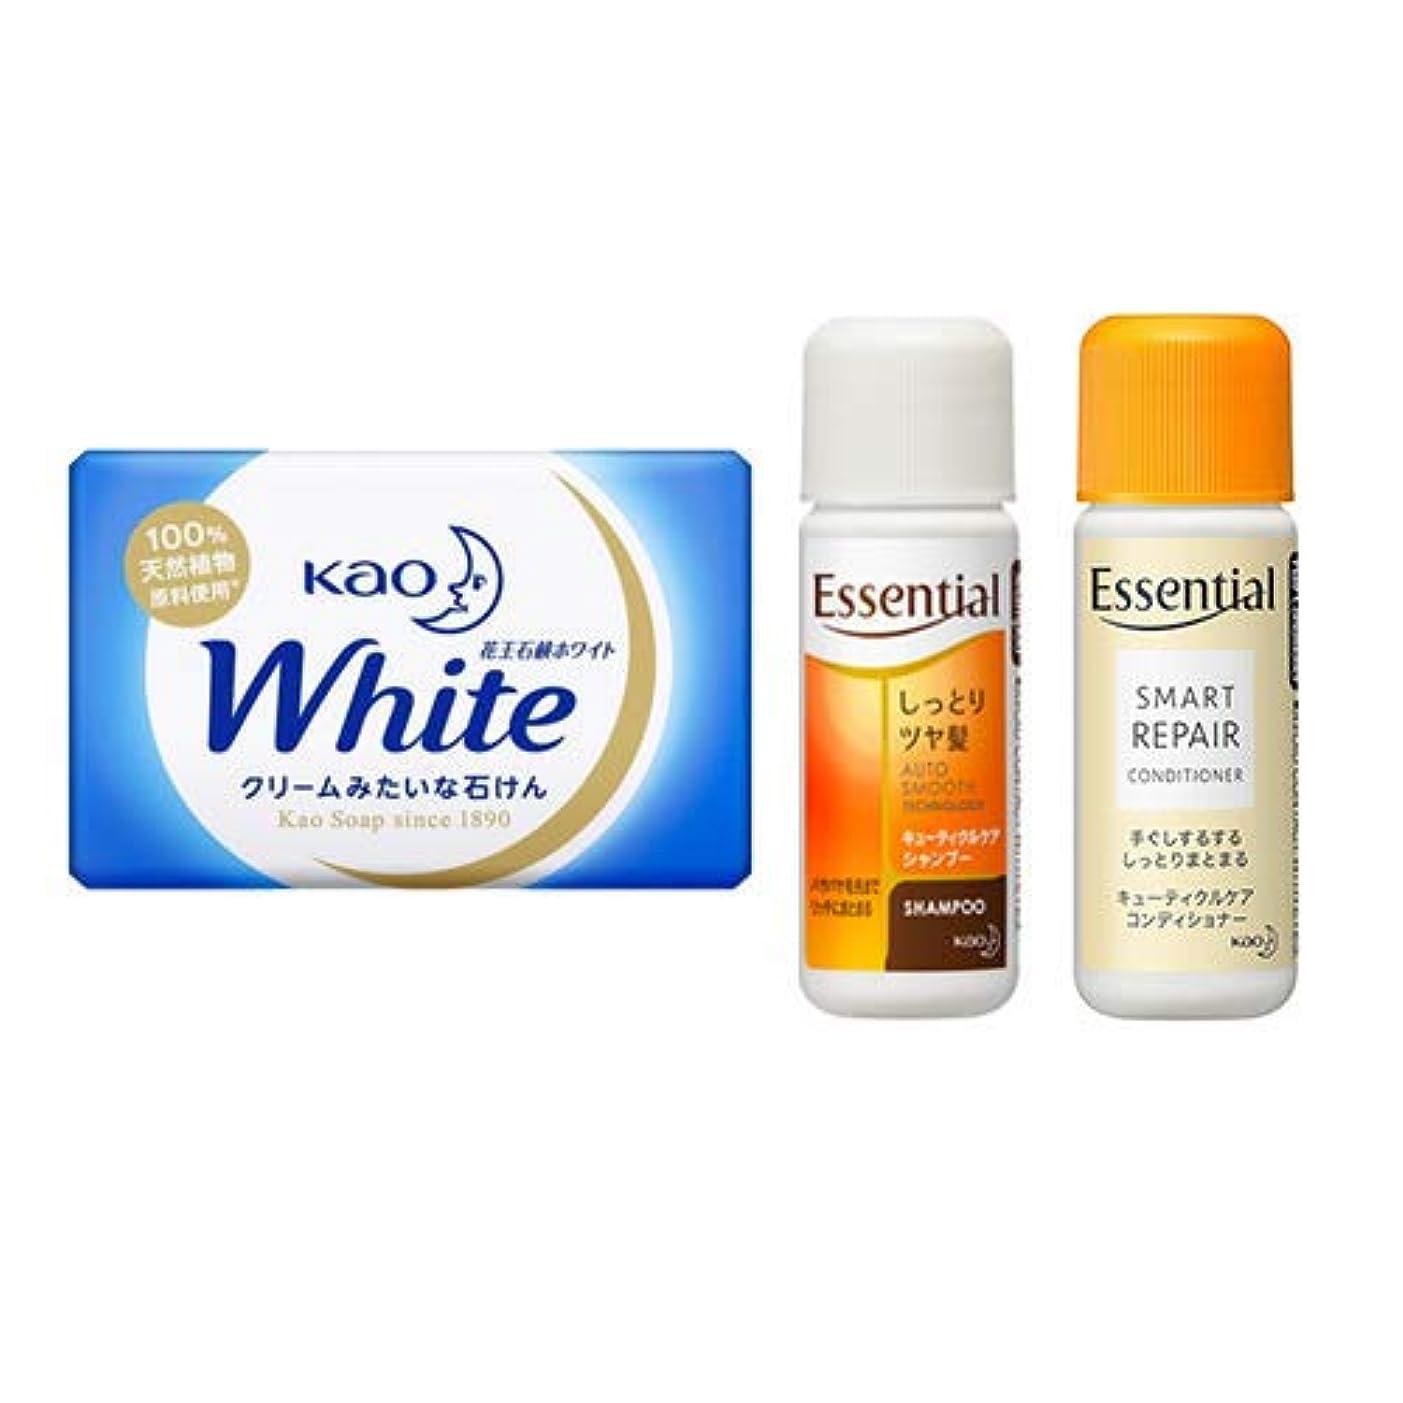 花王(KAO) 石鹸ホワイト(Kao Soap White) 15g + エッセンシャルシャンプー 16ml + コンディショナー 16ml セット